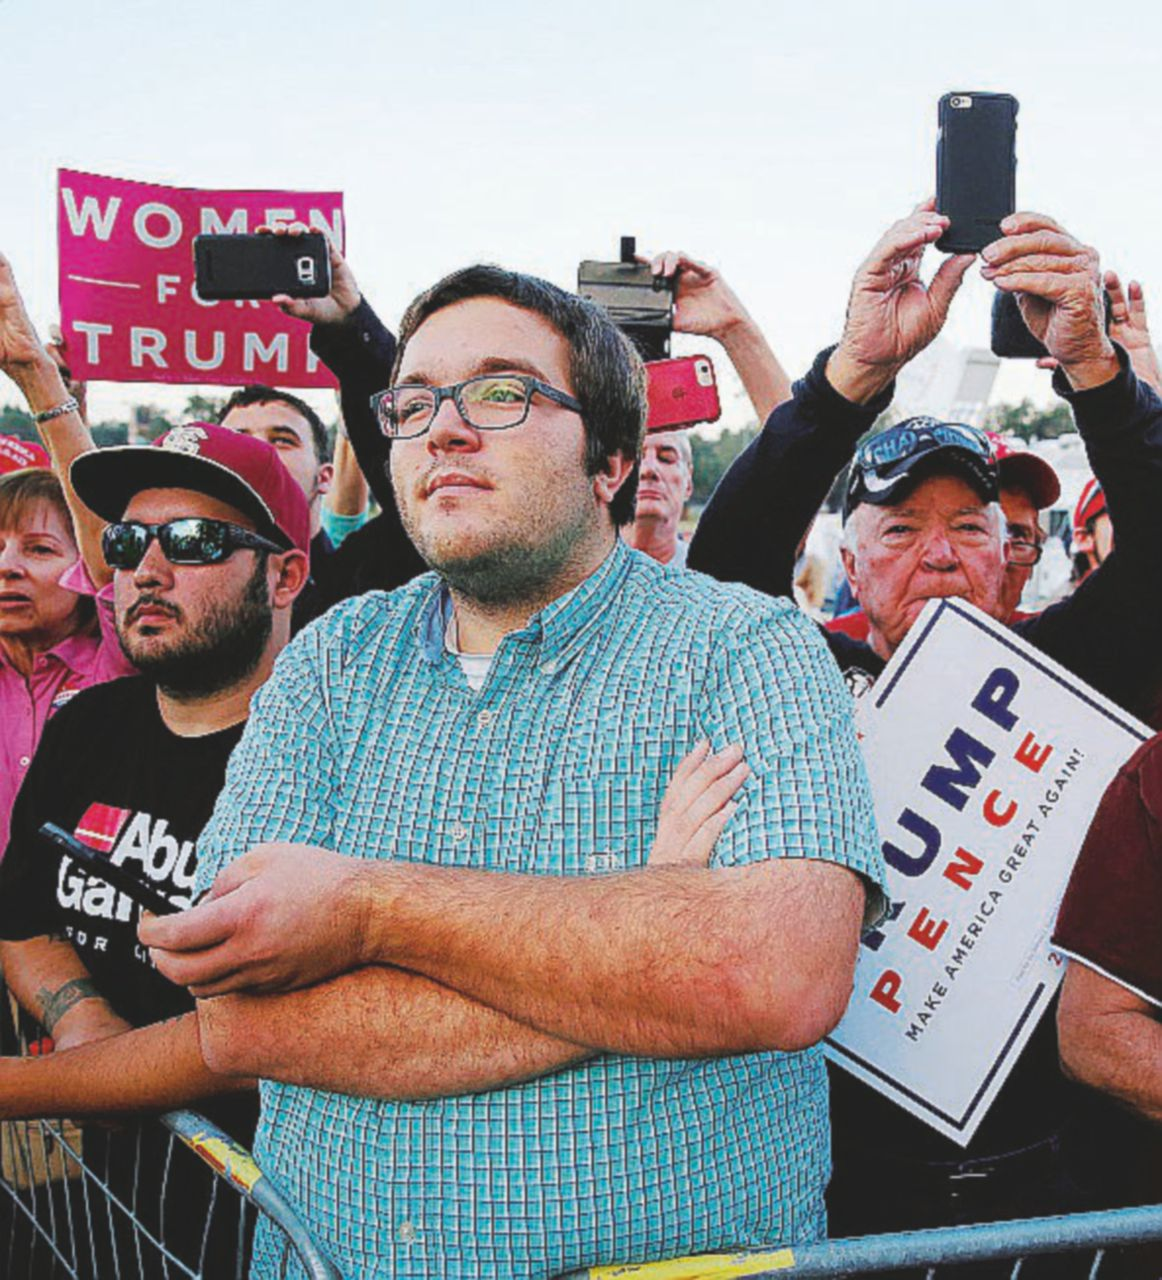 Maschio, bianco, deluso: Donald è il suo profeta